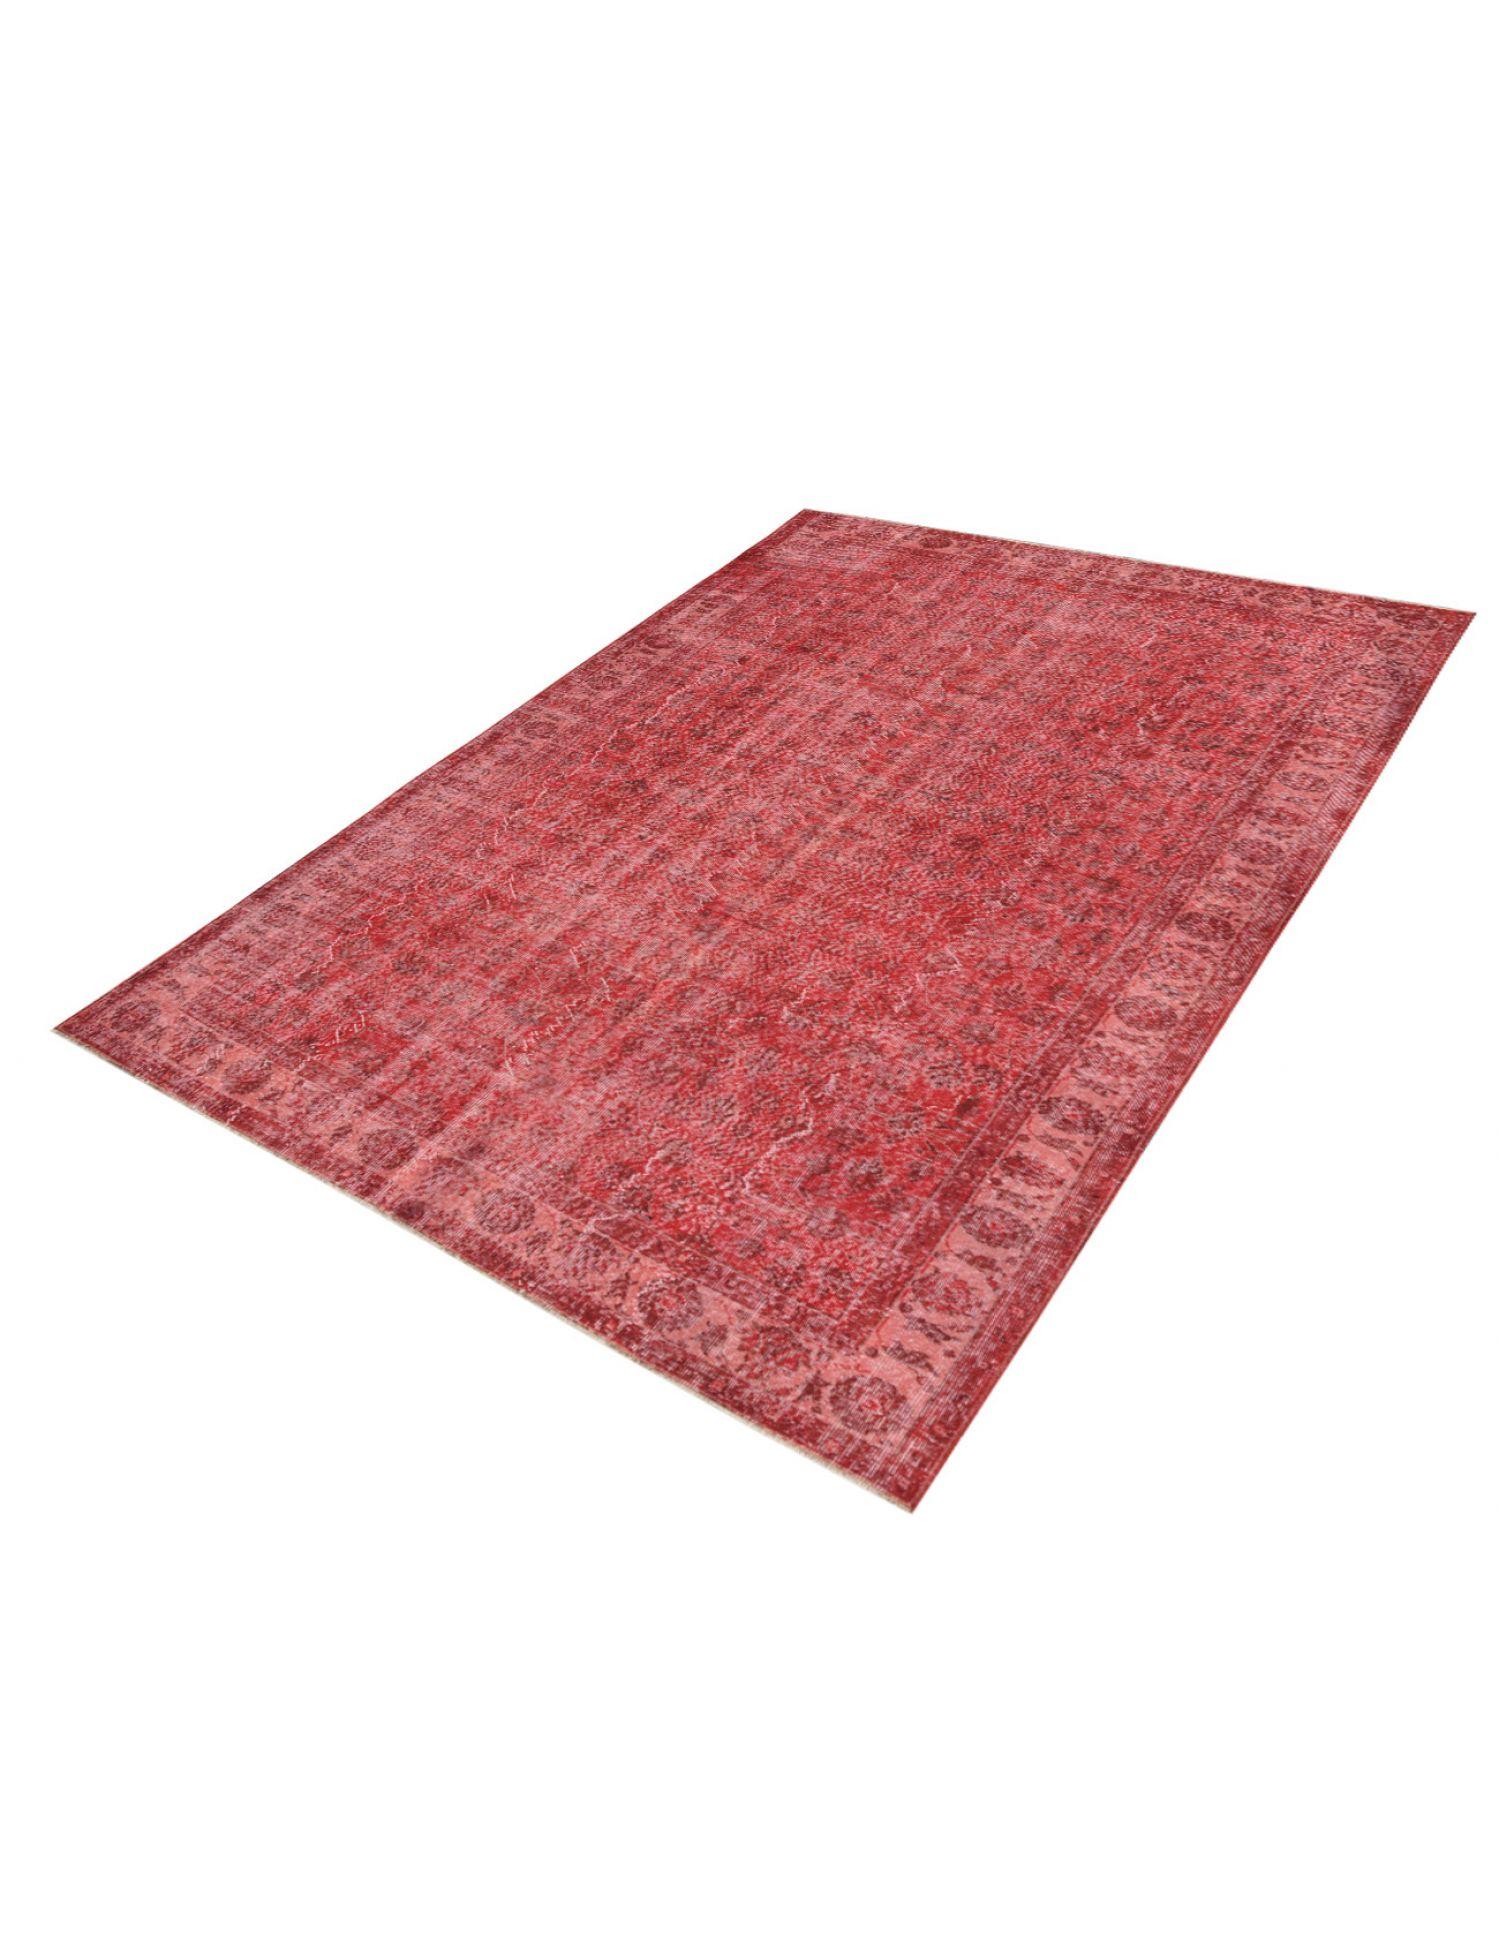 Vintage Carpet  red  <br/>296 x 196 cm